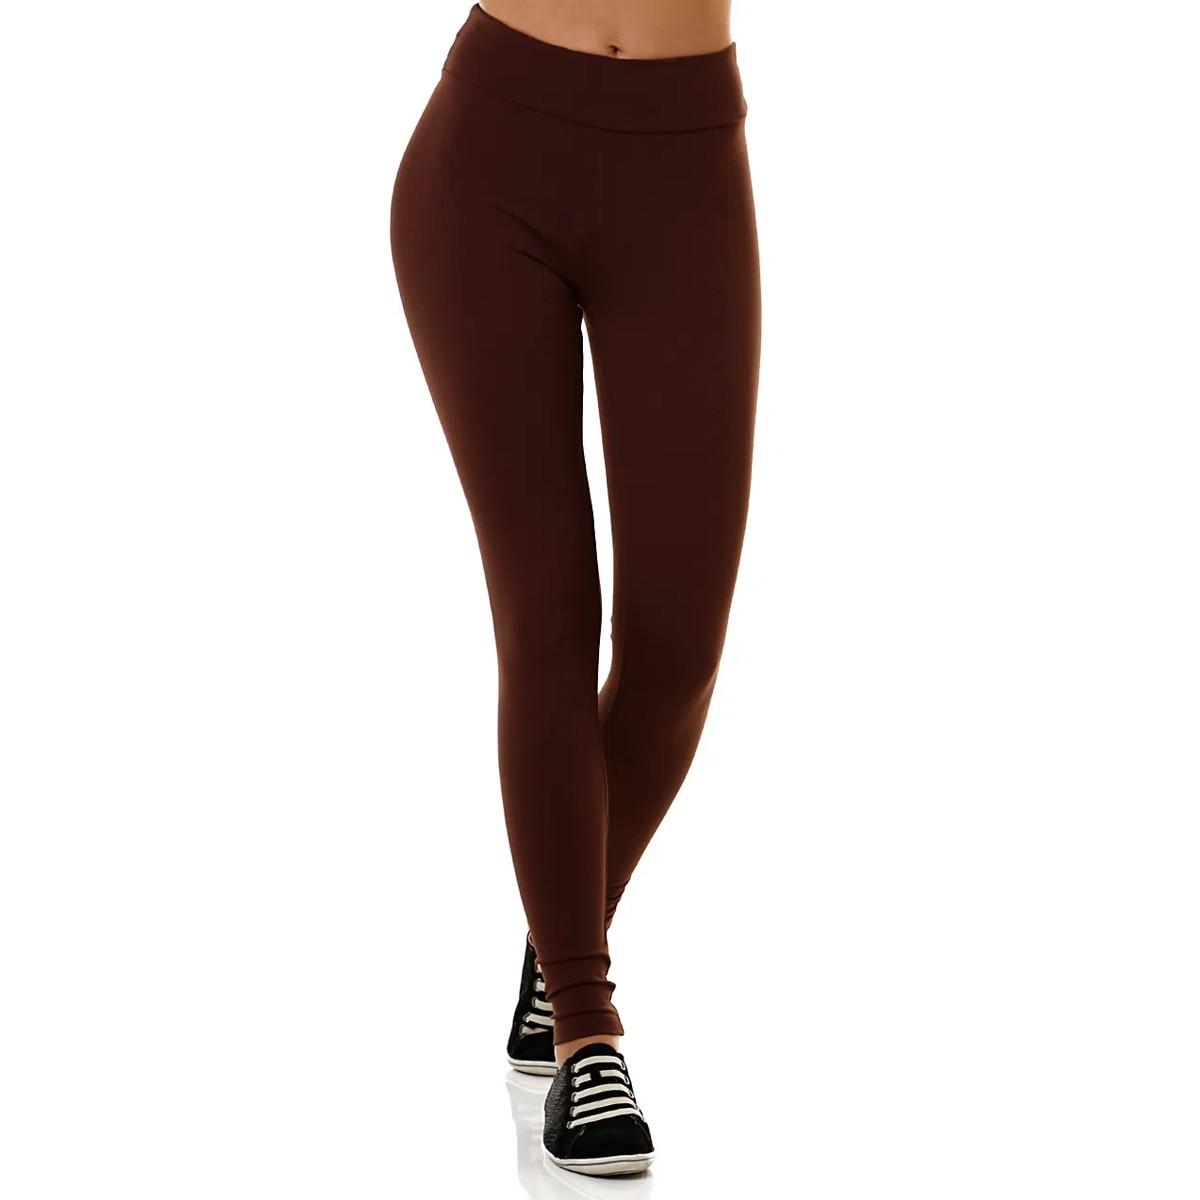 Calça Legging Cotton Power Algodão Fashion Dia a Dia Cintura Alta Confortável Marrom Feminina Adulto Loba Lupo 41841